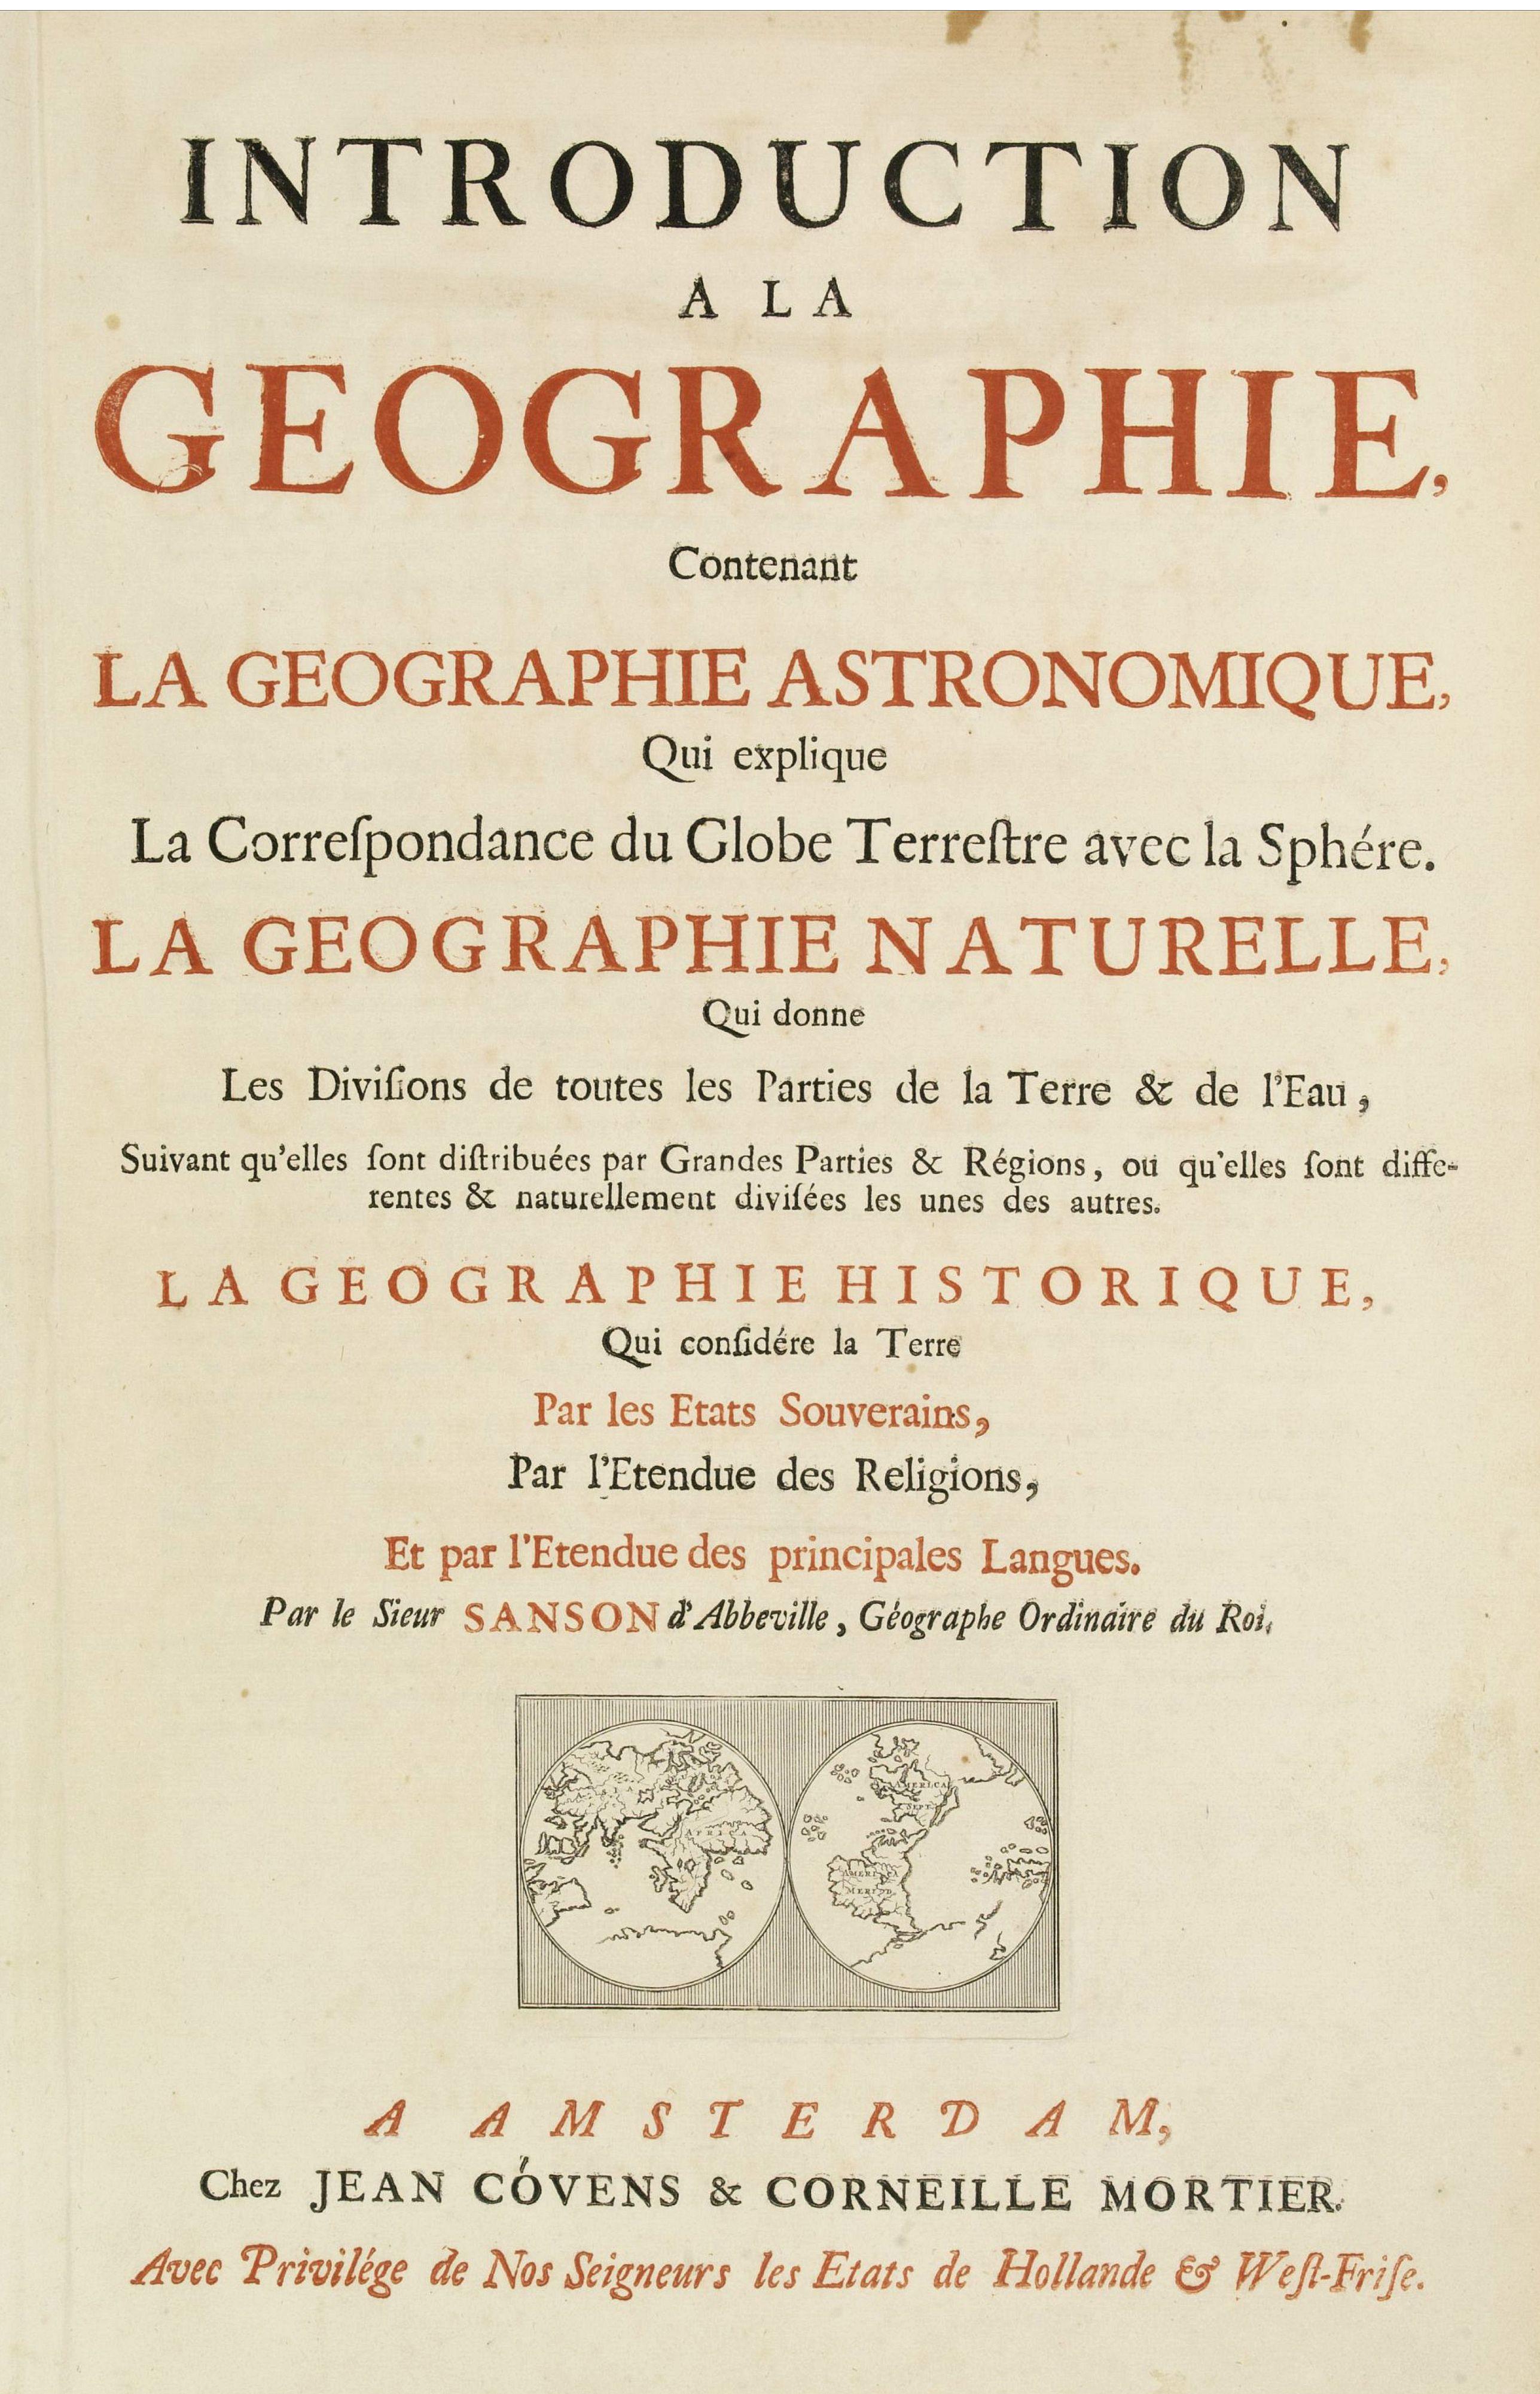 COVENS, J. / MORTIER, C. -  Title page: Introduction a la geographie, Contenant.. (2 sheets)